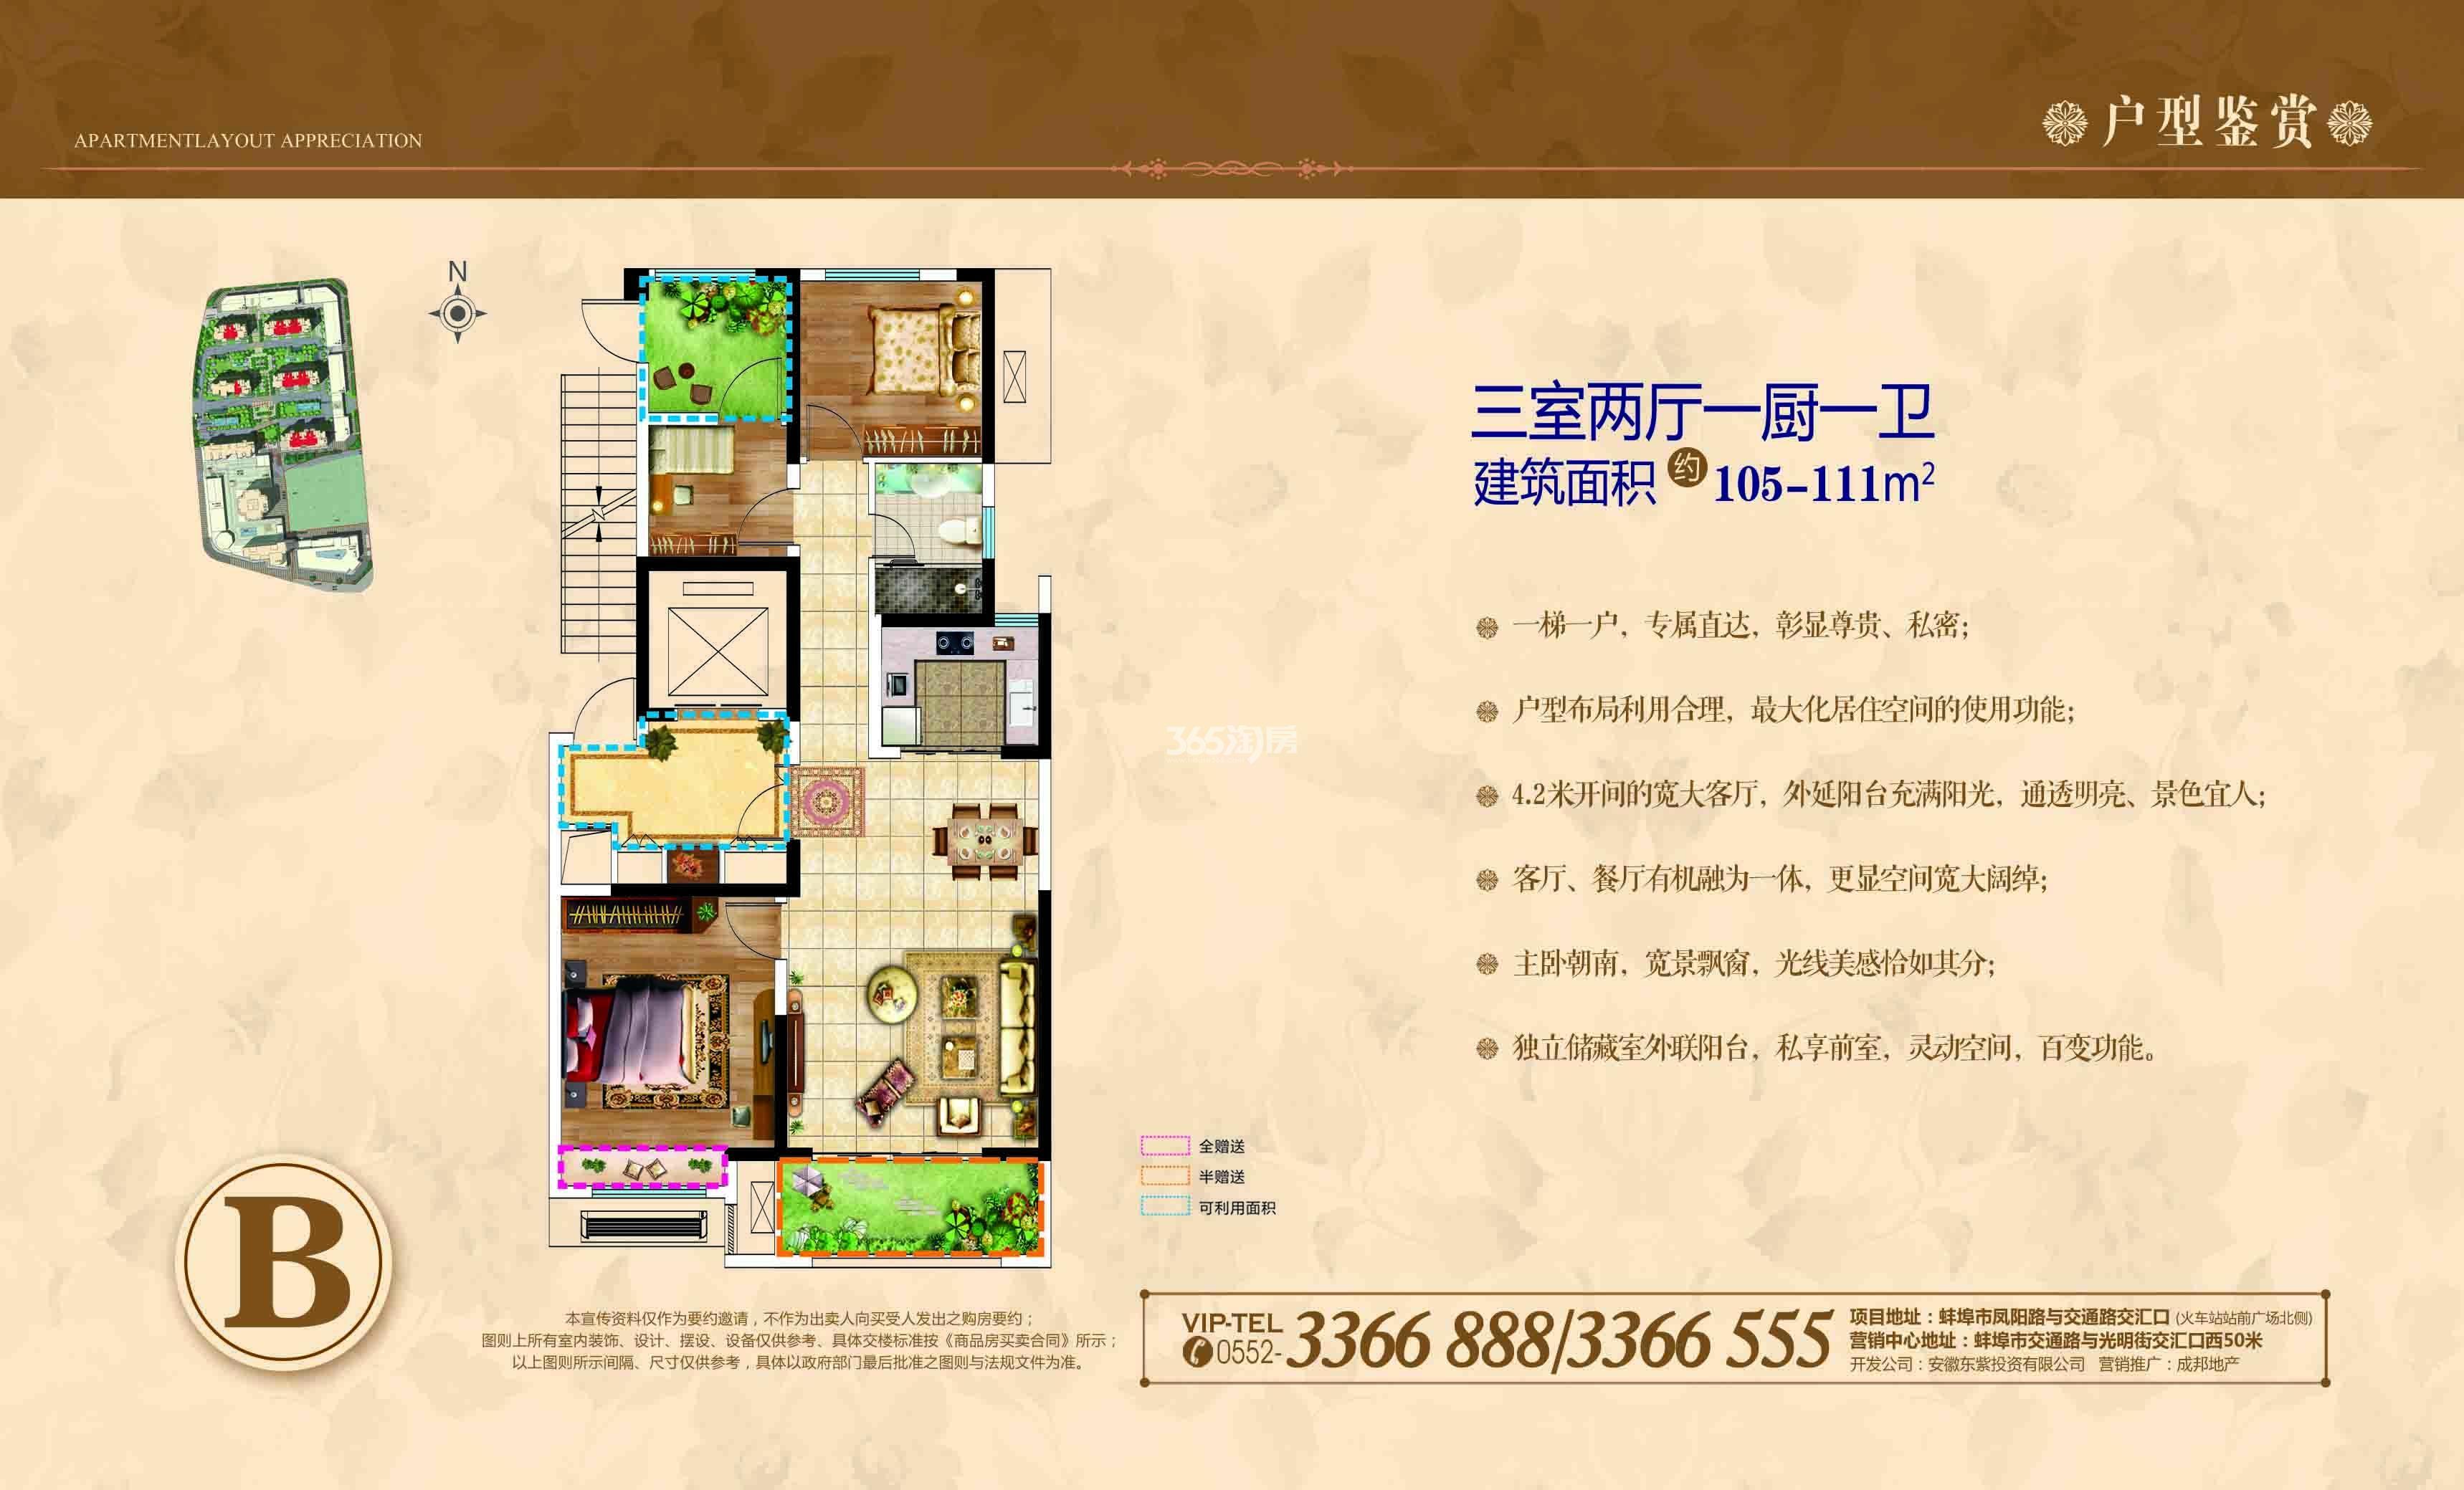 东鼎名人府邸 三室两厅一卫105-111㎡